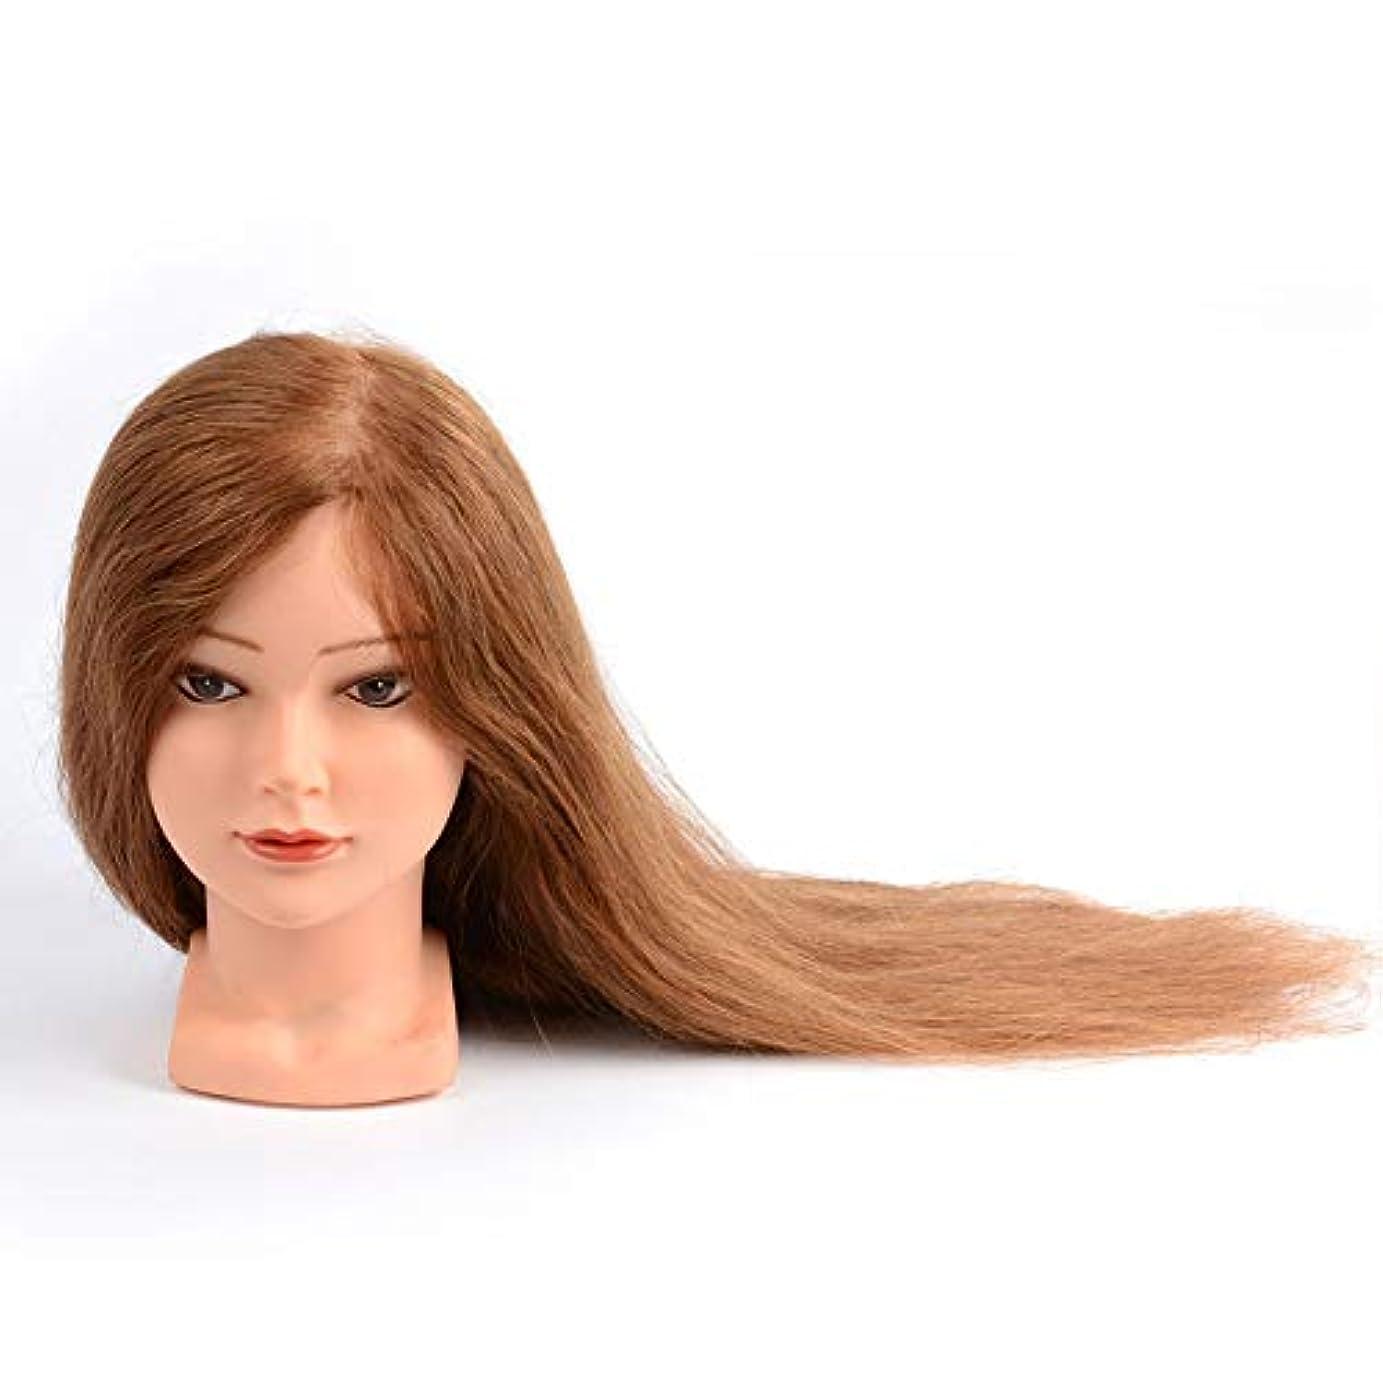 交差点美徳聖域ゴールデンプラクティスマネキンヘッドブライダルメイクスタイリングプラクティスダミーヘッドヘアサロン散髪指導ヘッドは染めることができます漂白